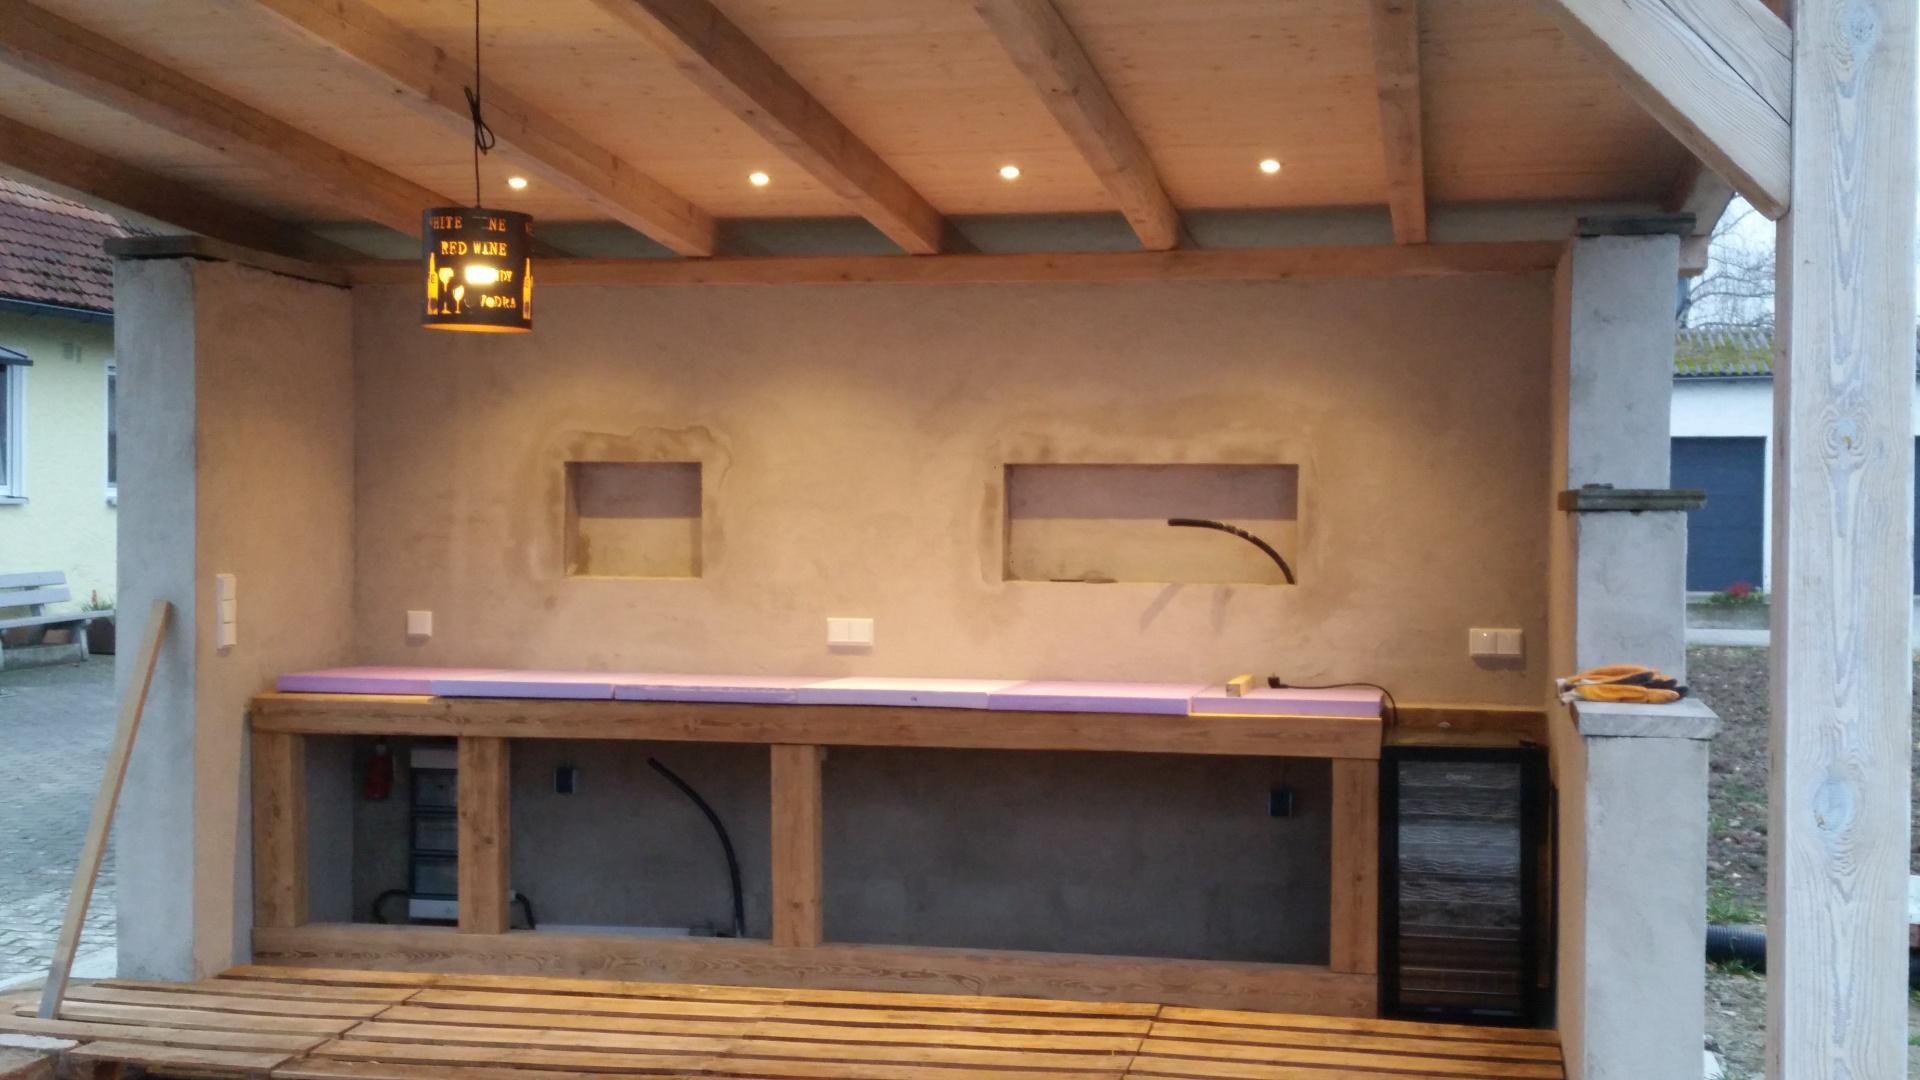 Outdoor Küche Mit Weber Spirit : Bau meiner grill und bbq außenküche gartenküche teil